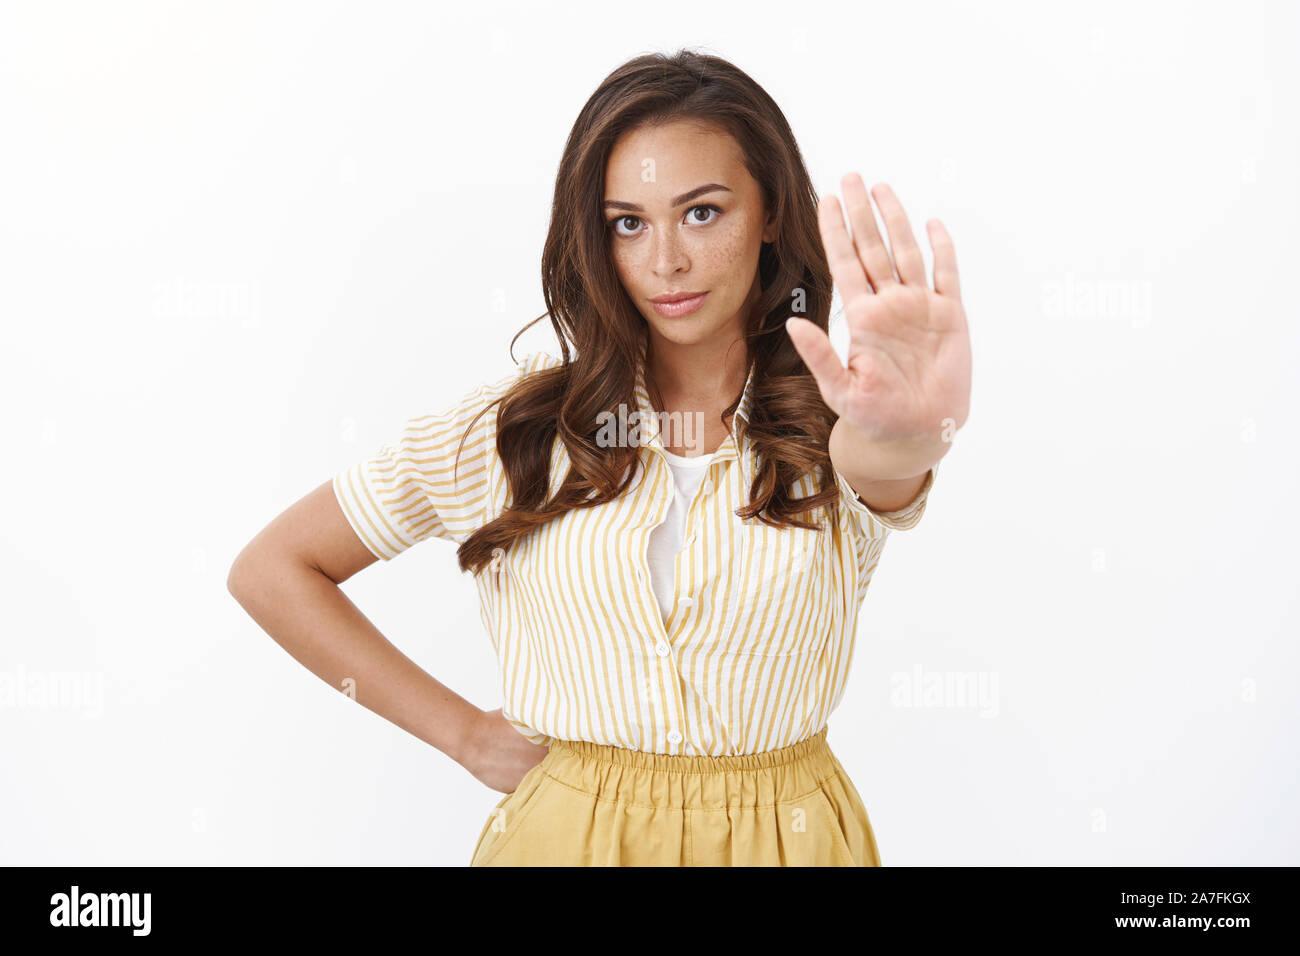 Rechts anhalten. Ernsthafte selbstbewusste junge Frau, versündigt, stretch Hand in Richtung Kamera schaut und Suchen enttäuscht, Nein zu sagen, Stockfoto